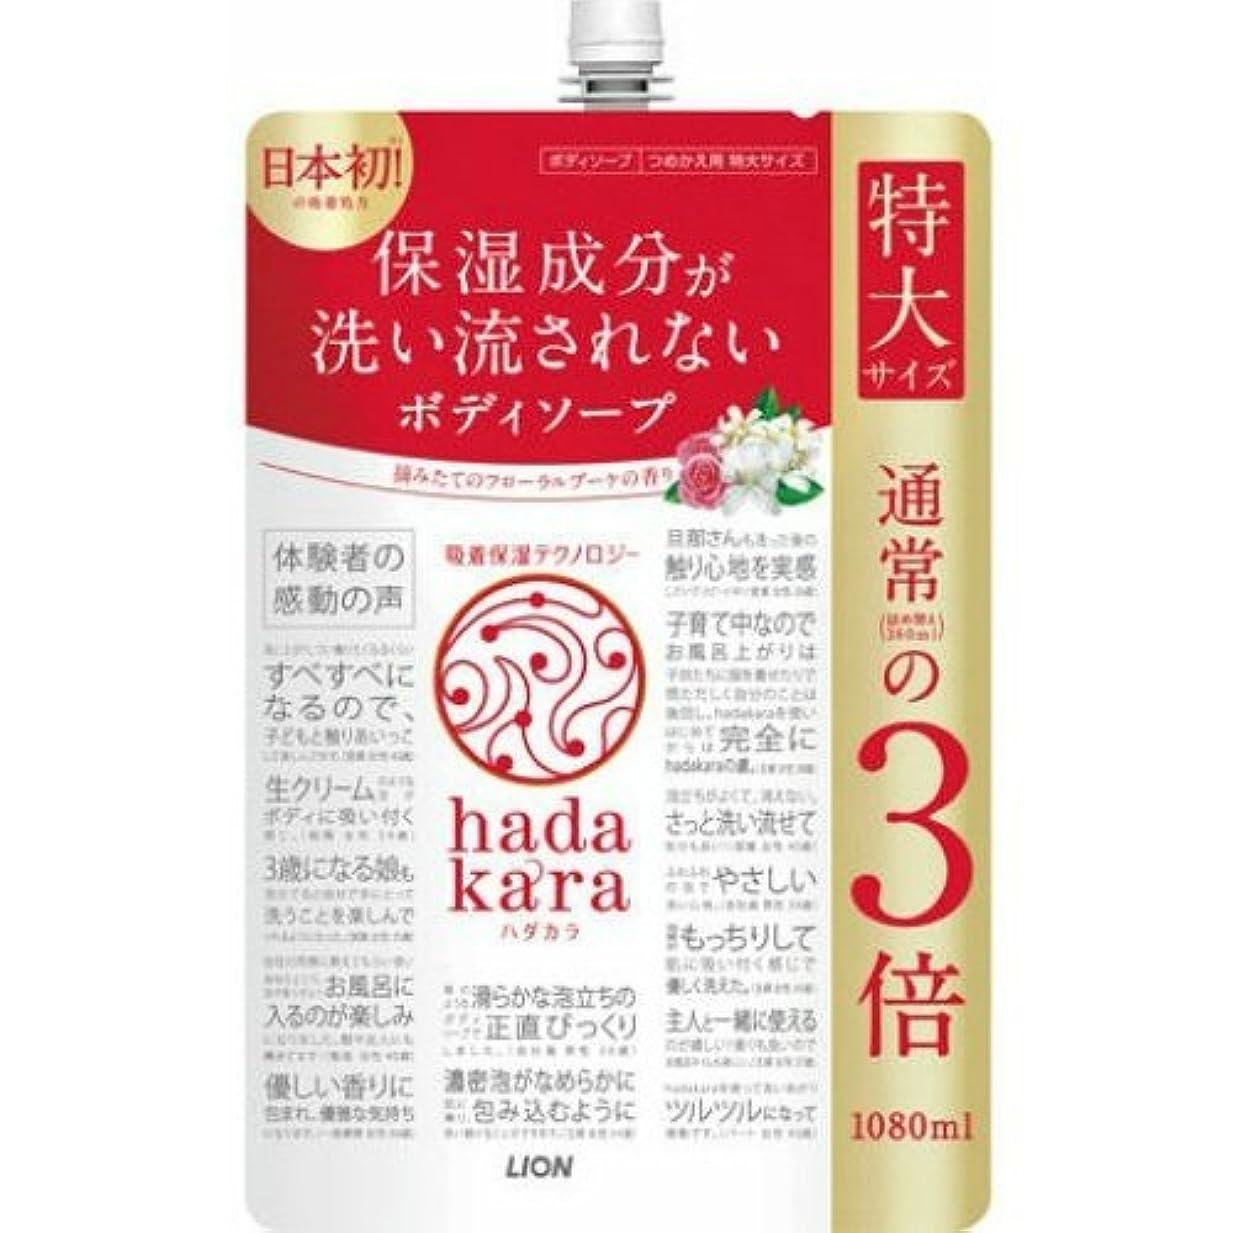 リーズ試験物思いにふけるLION ライオン hadakara ハダカラ ボディソープ フローラルブーケの香り つめかえ用 特大サイズ 1080ml ×006点セット(4903301260875)